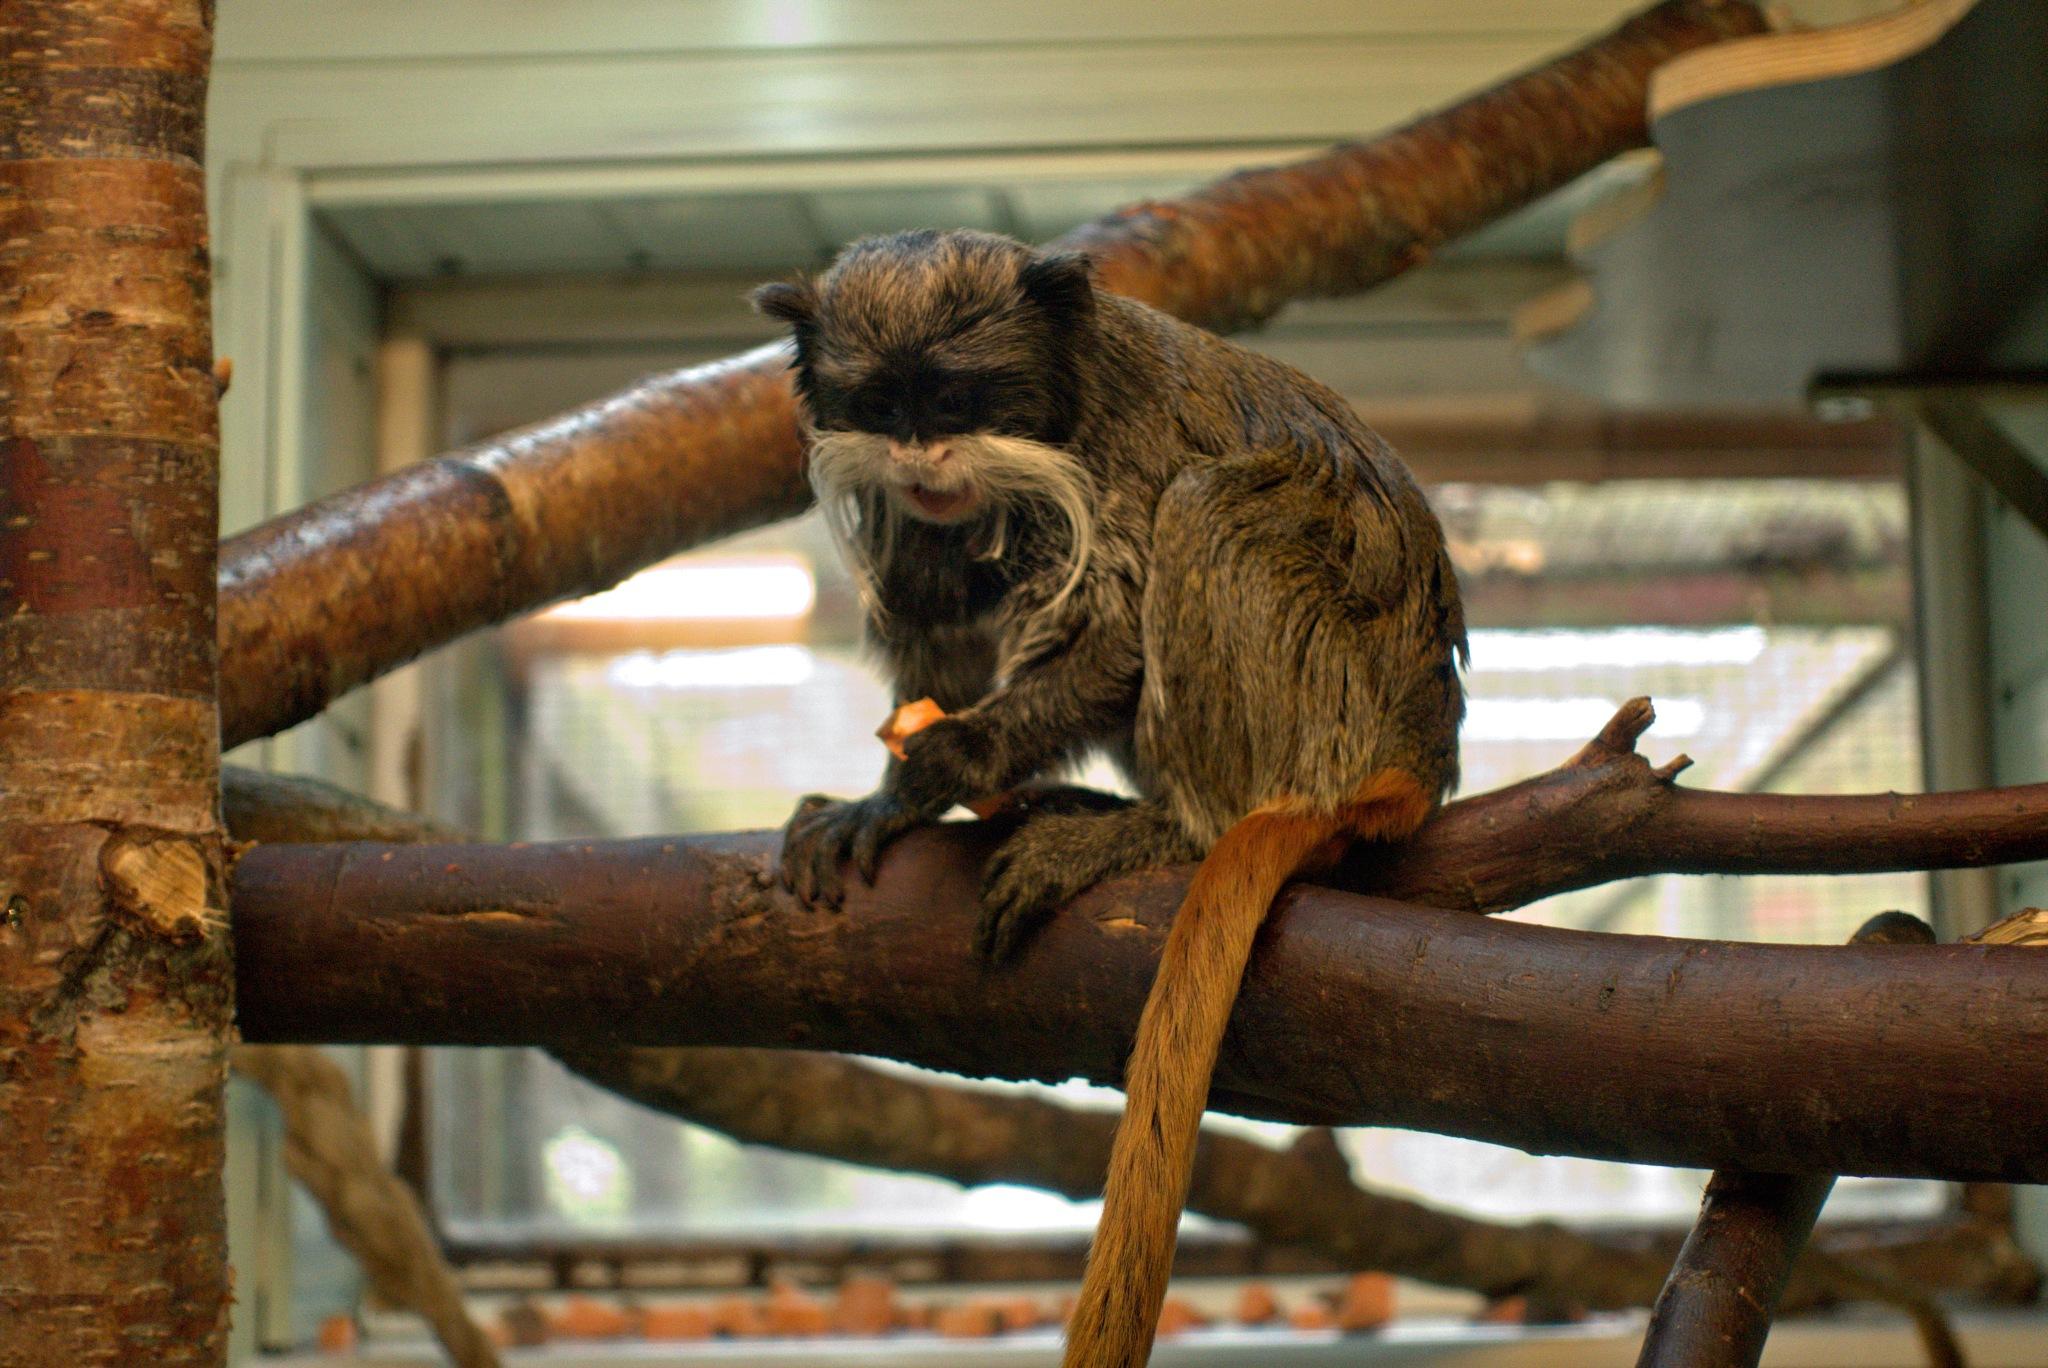 Little Monkey by Rich66